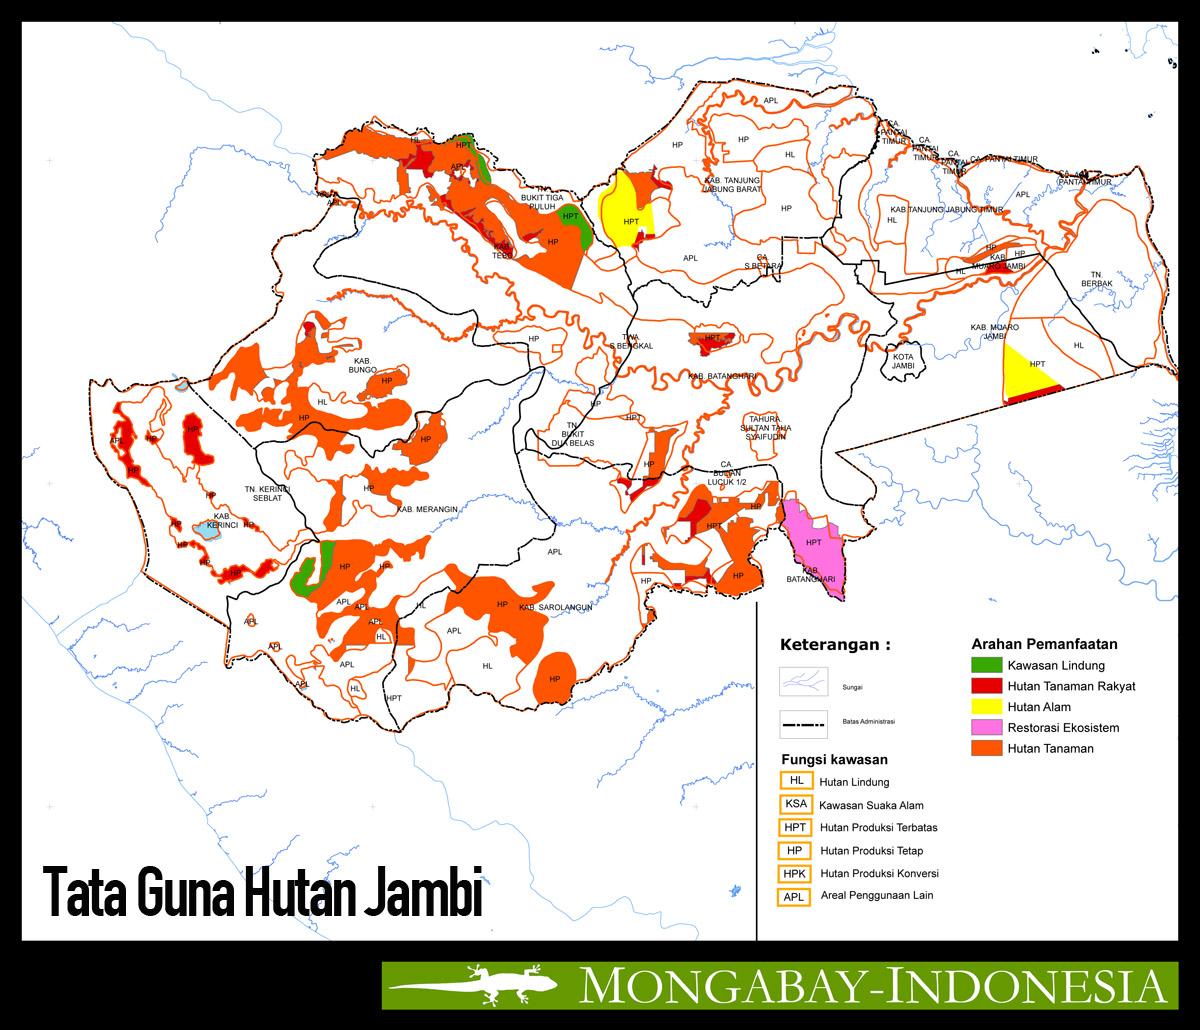 Fokus Liputan Kelapa Sawit Antara Kepentingan Politik Tata Peta Guna